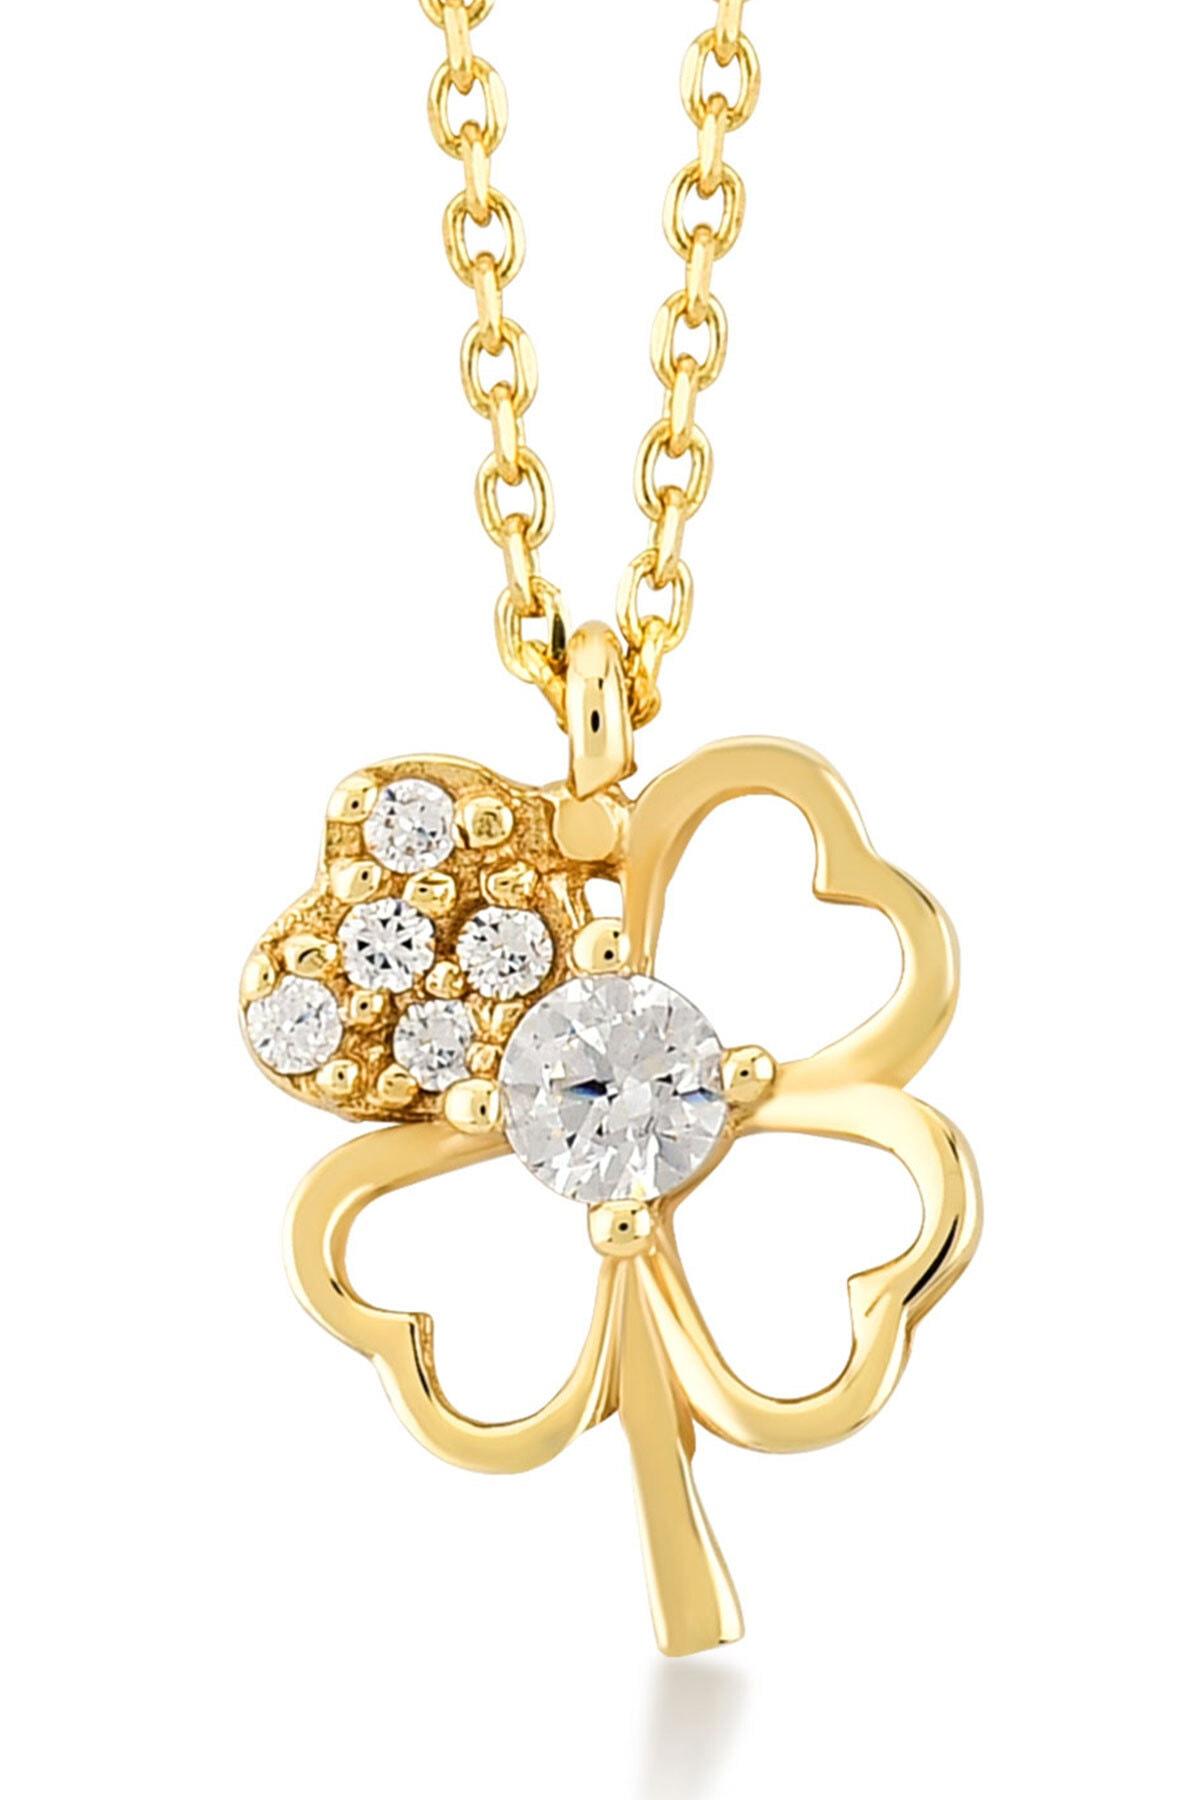 Gelin Pırlanta Gelin Diamond 14 Ayar Altın 4 Yapraklı Içi Taşlı Kalp Şekilli Yonca Şans Kolye 1